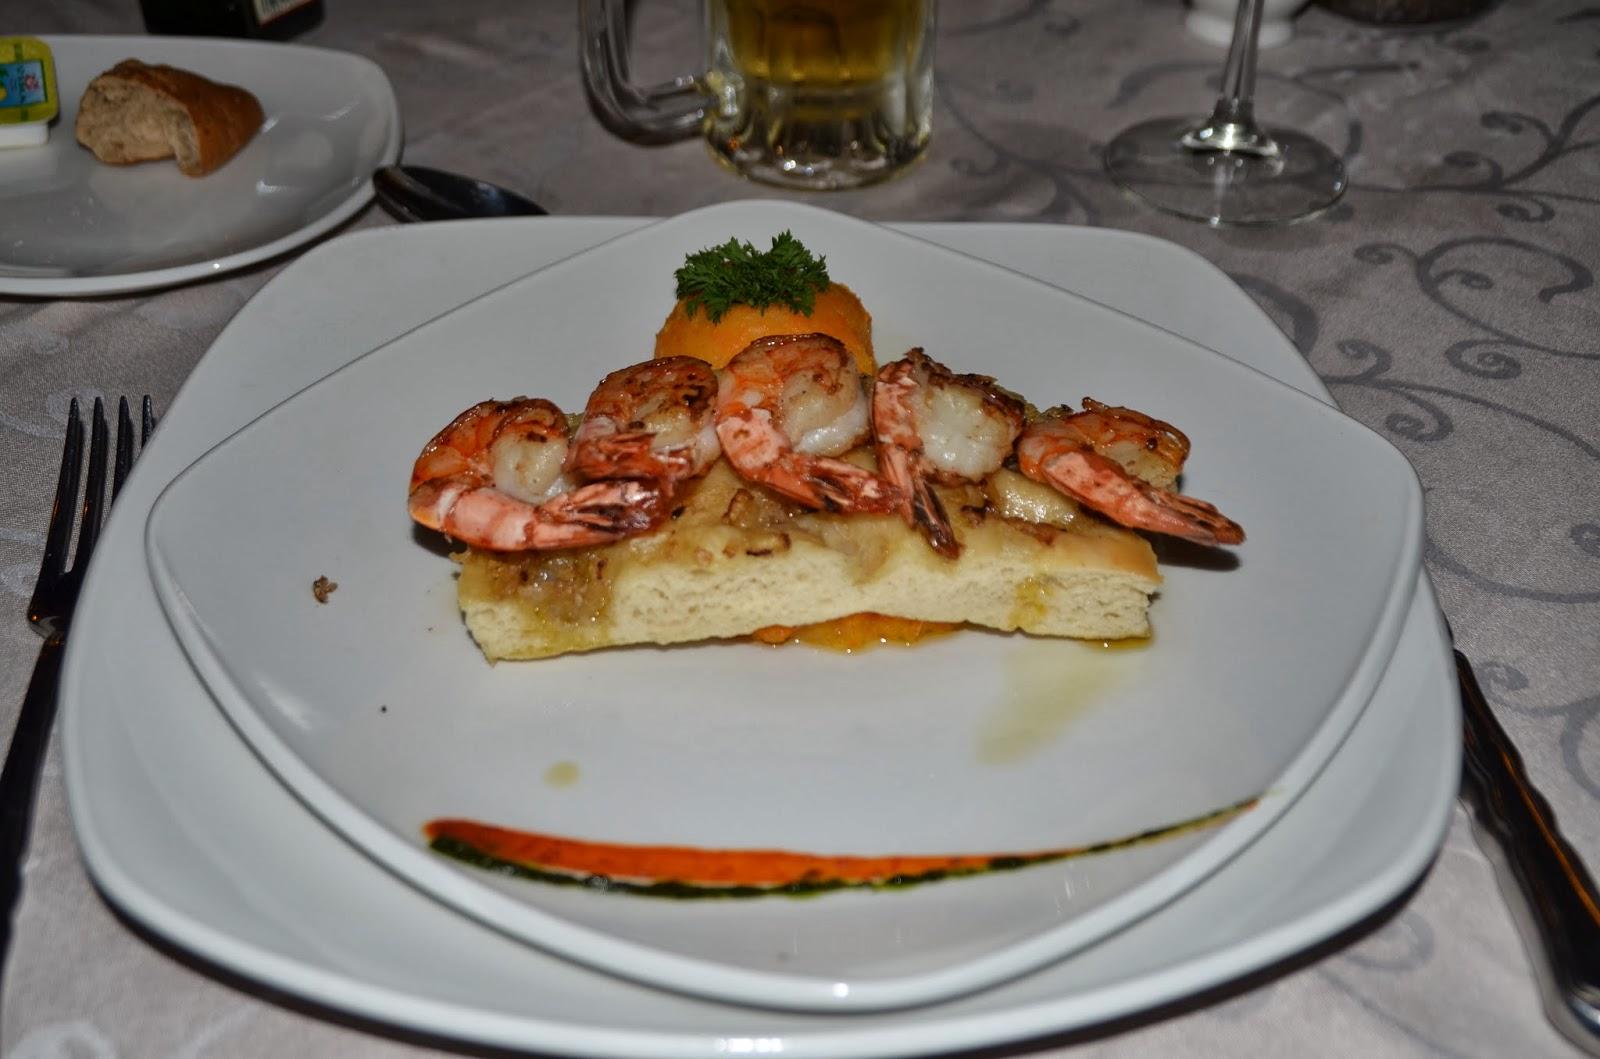 Restaurante de comida Espanhola.